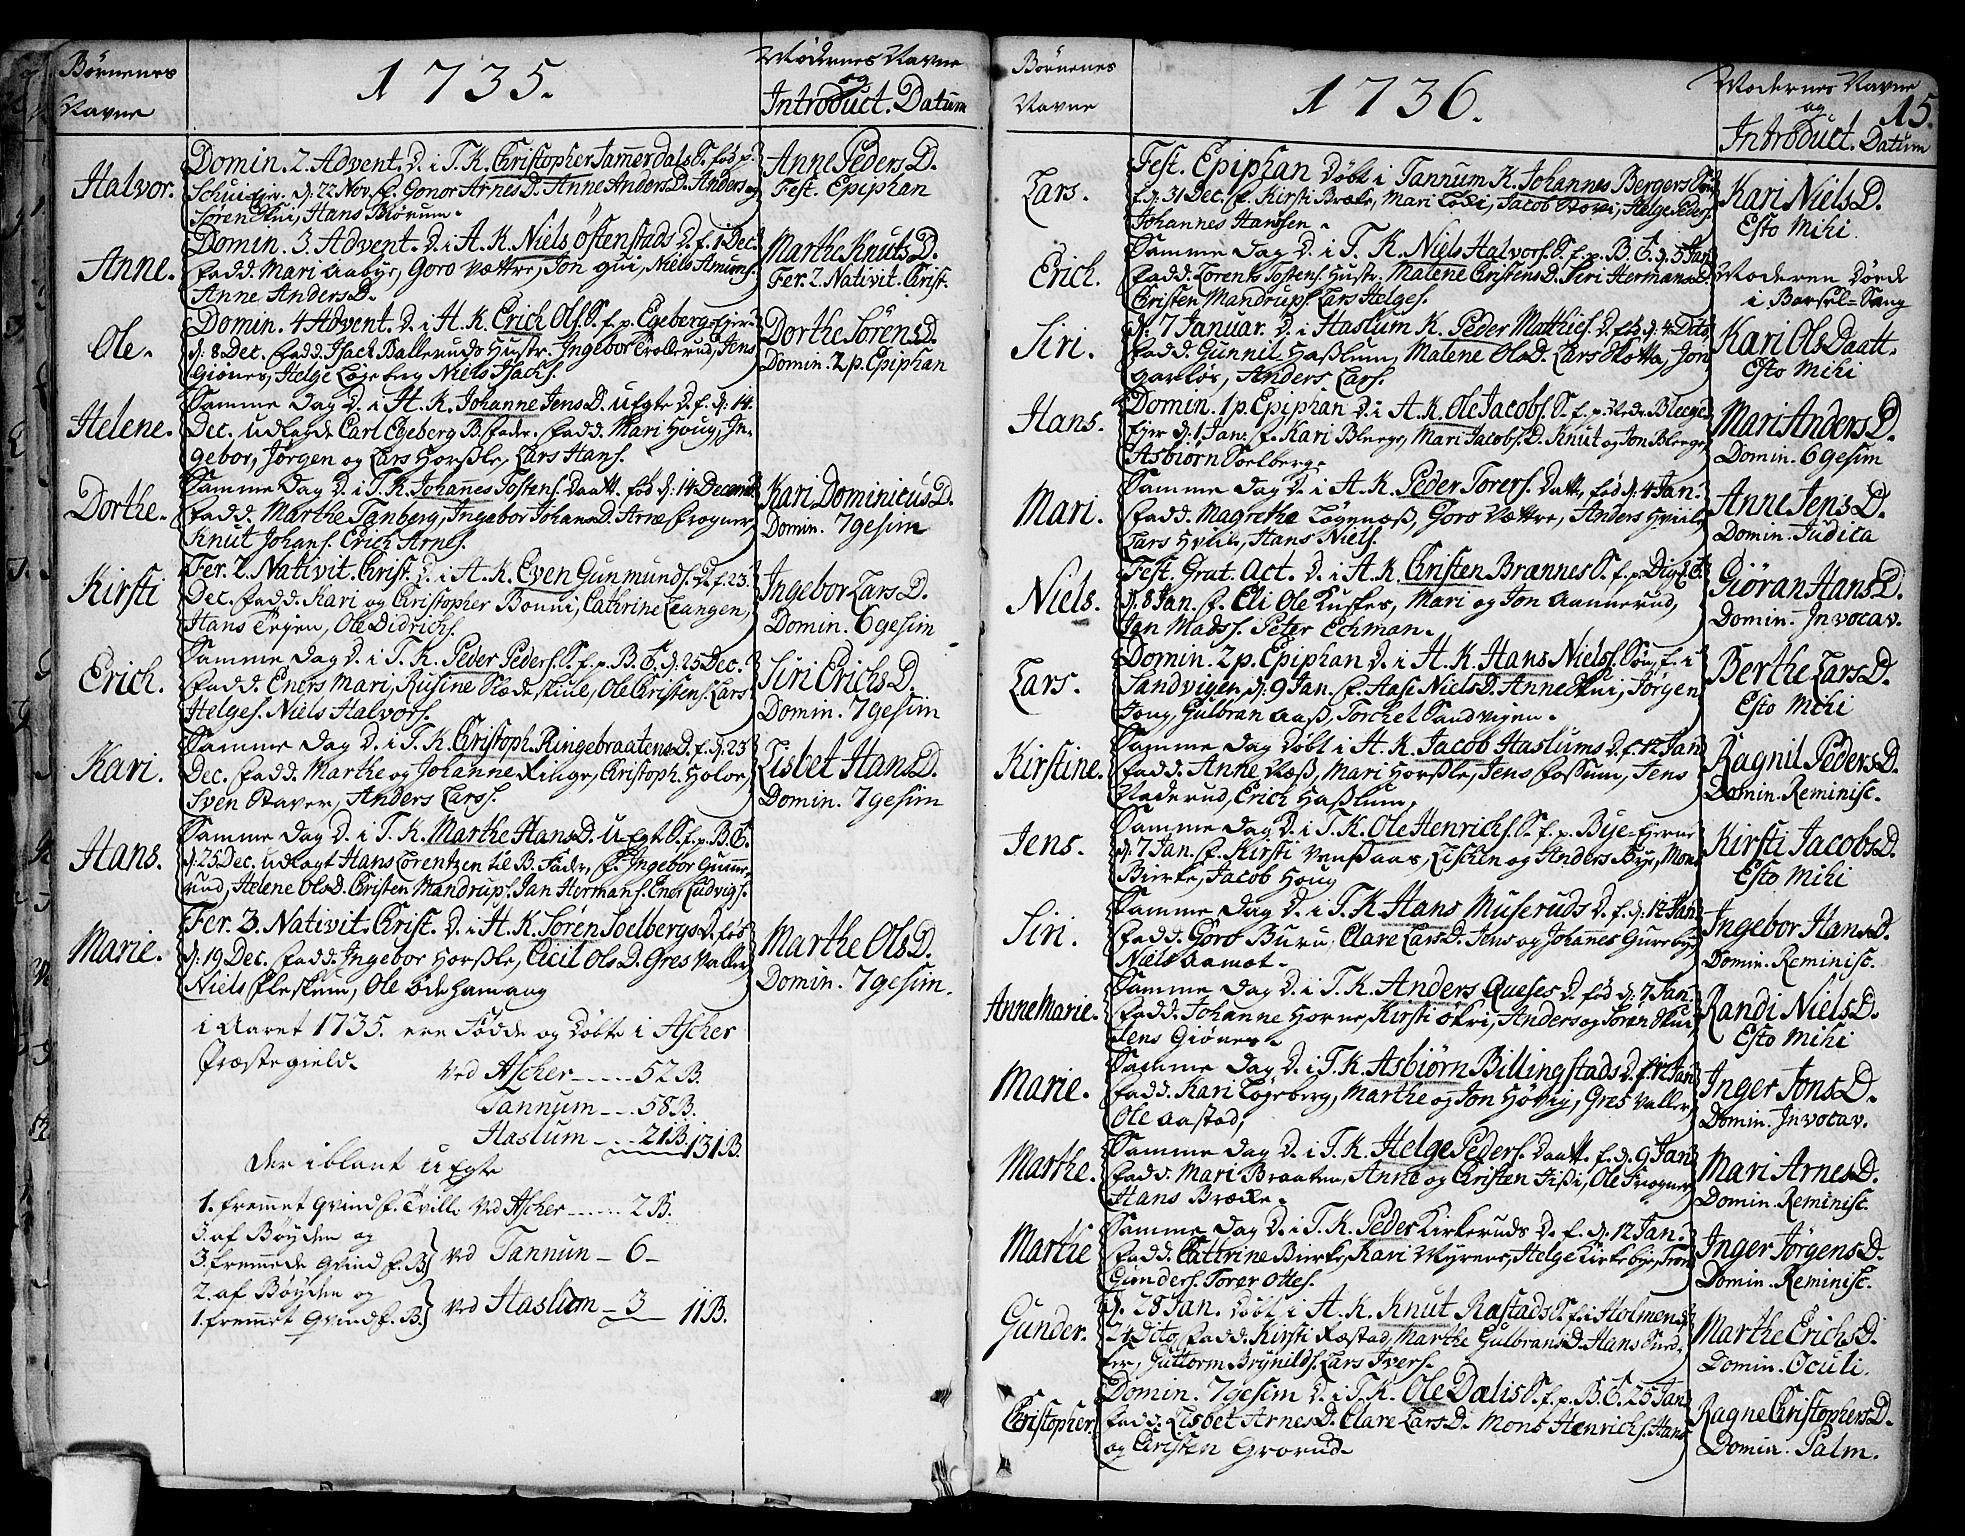 SAO, Asker prestekontor Kirkebøker, F/Fa/L0002: Ministerialbok nr. I 2, 1733-1766, s. 15